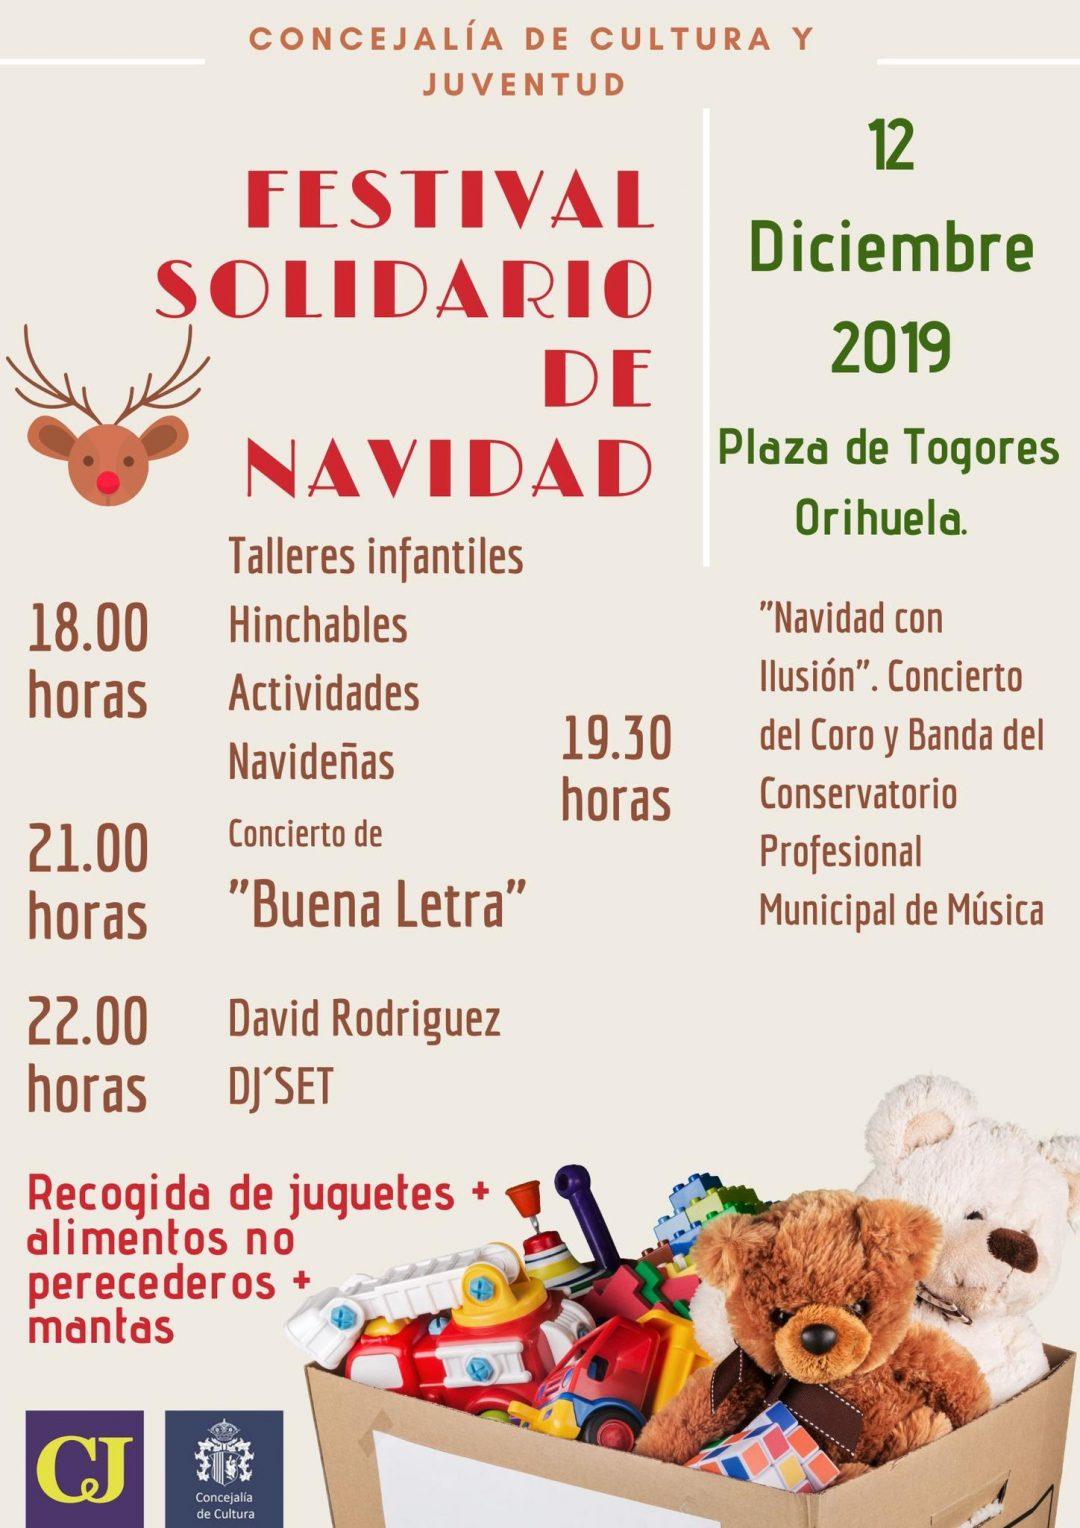 Festival Solidario Navidad Orihuela 2019